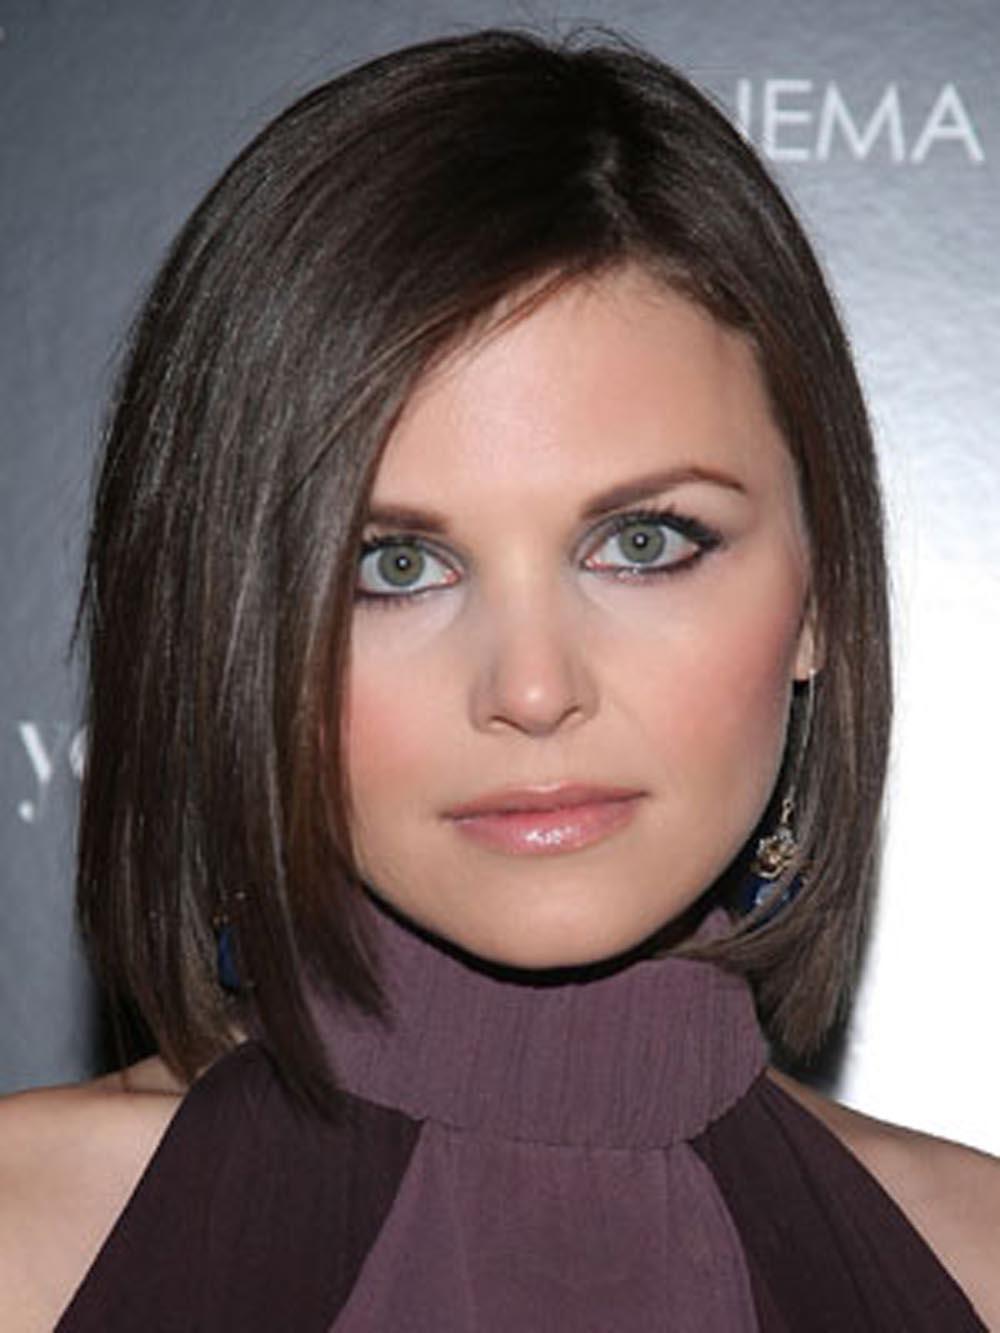 Фото стрижек на средние волосы для девушек с круглым лицом